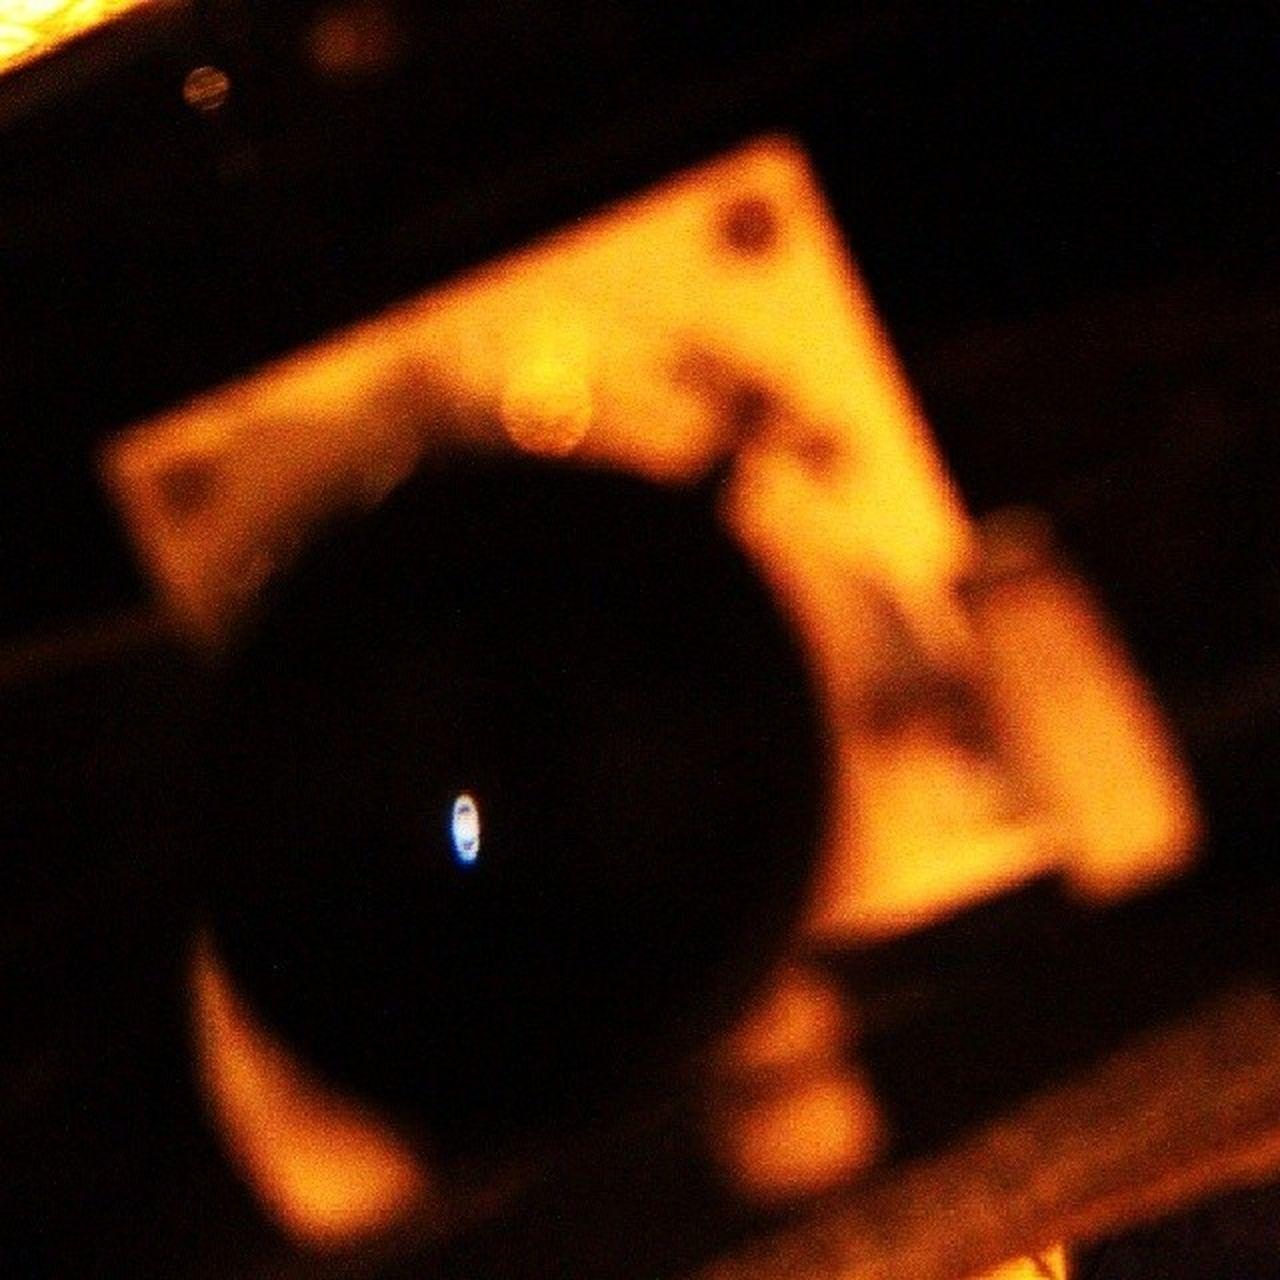 Planeta Saturno visto pelo obturador de um telescópio de Newton , durante evento do Clube de Astronomia de São Paulo. Astrophotography Astronomy Saturn Space Photojournalism